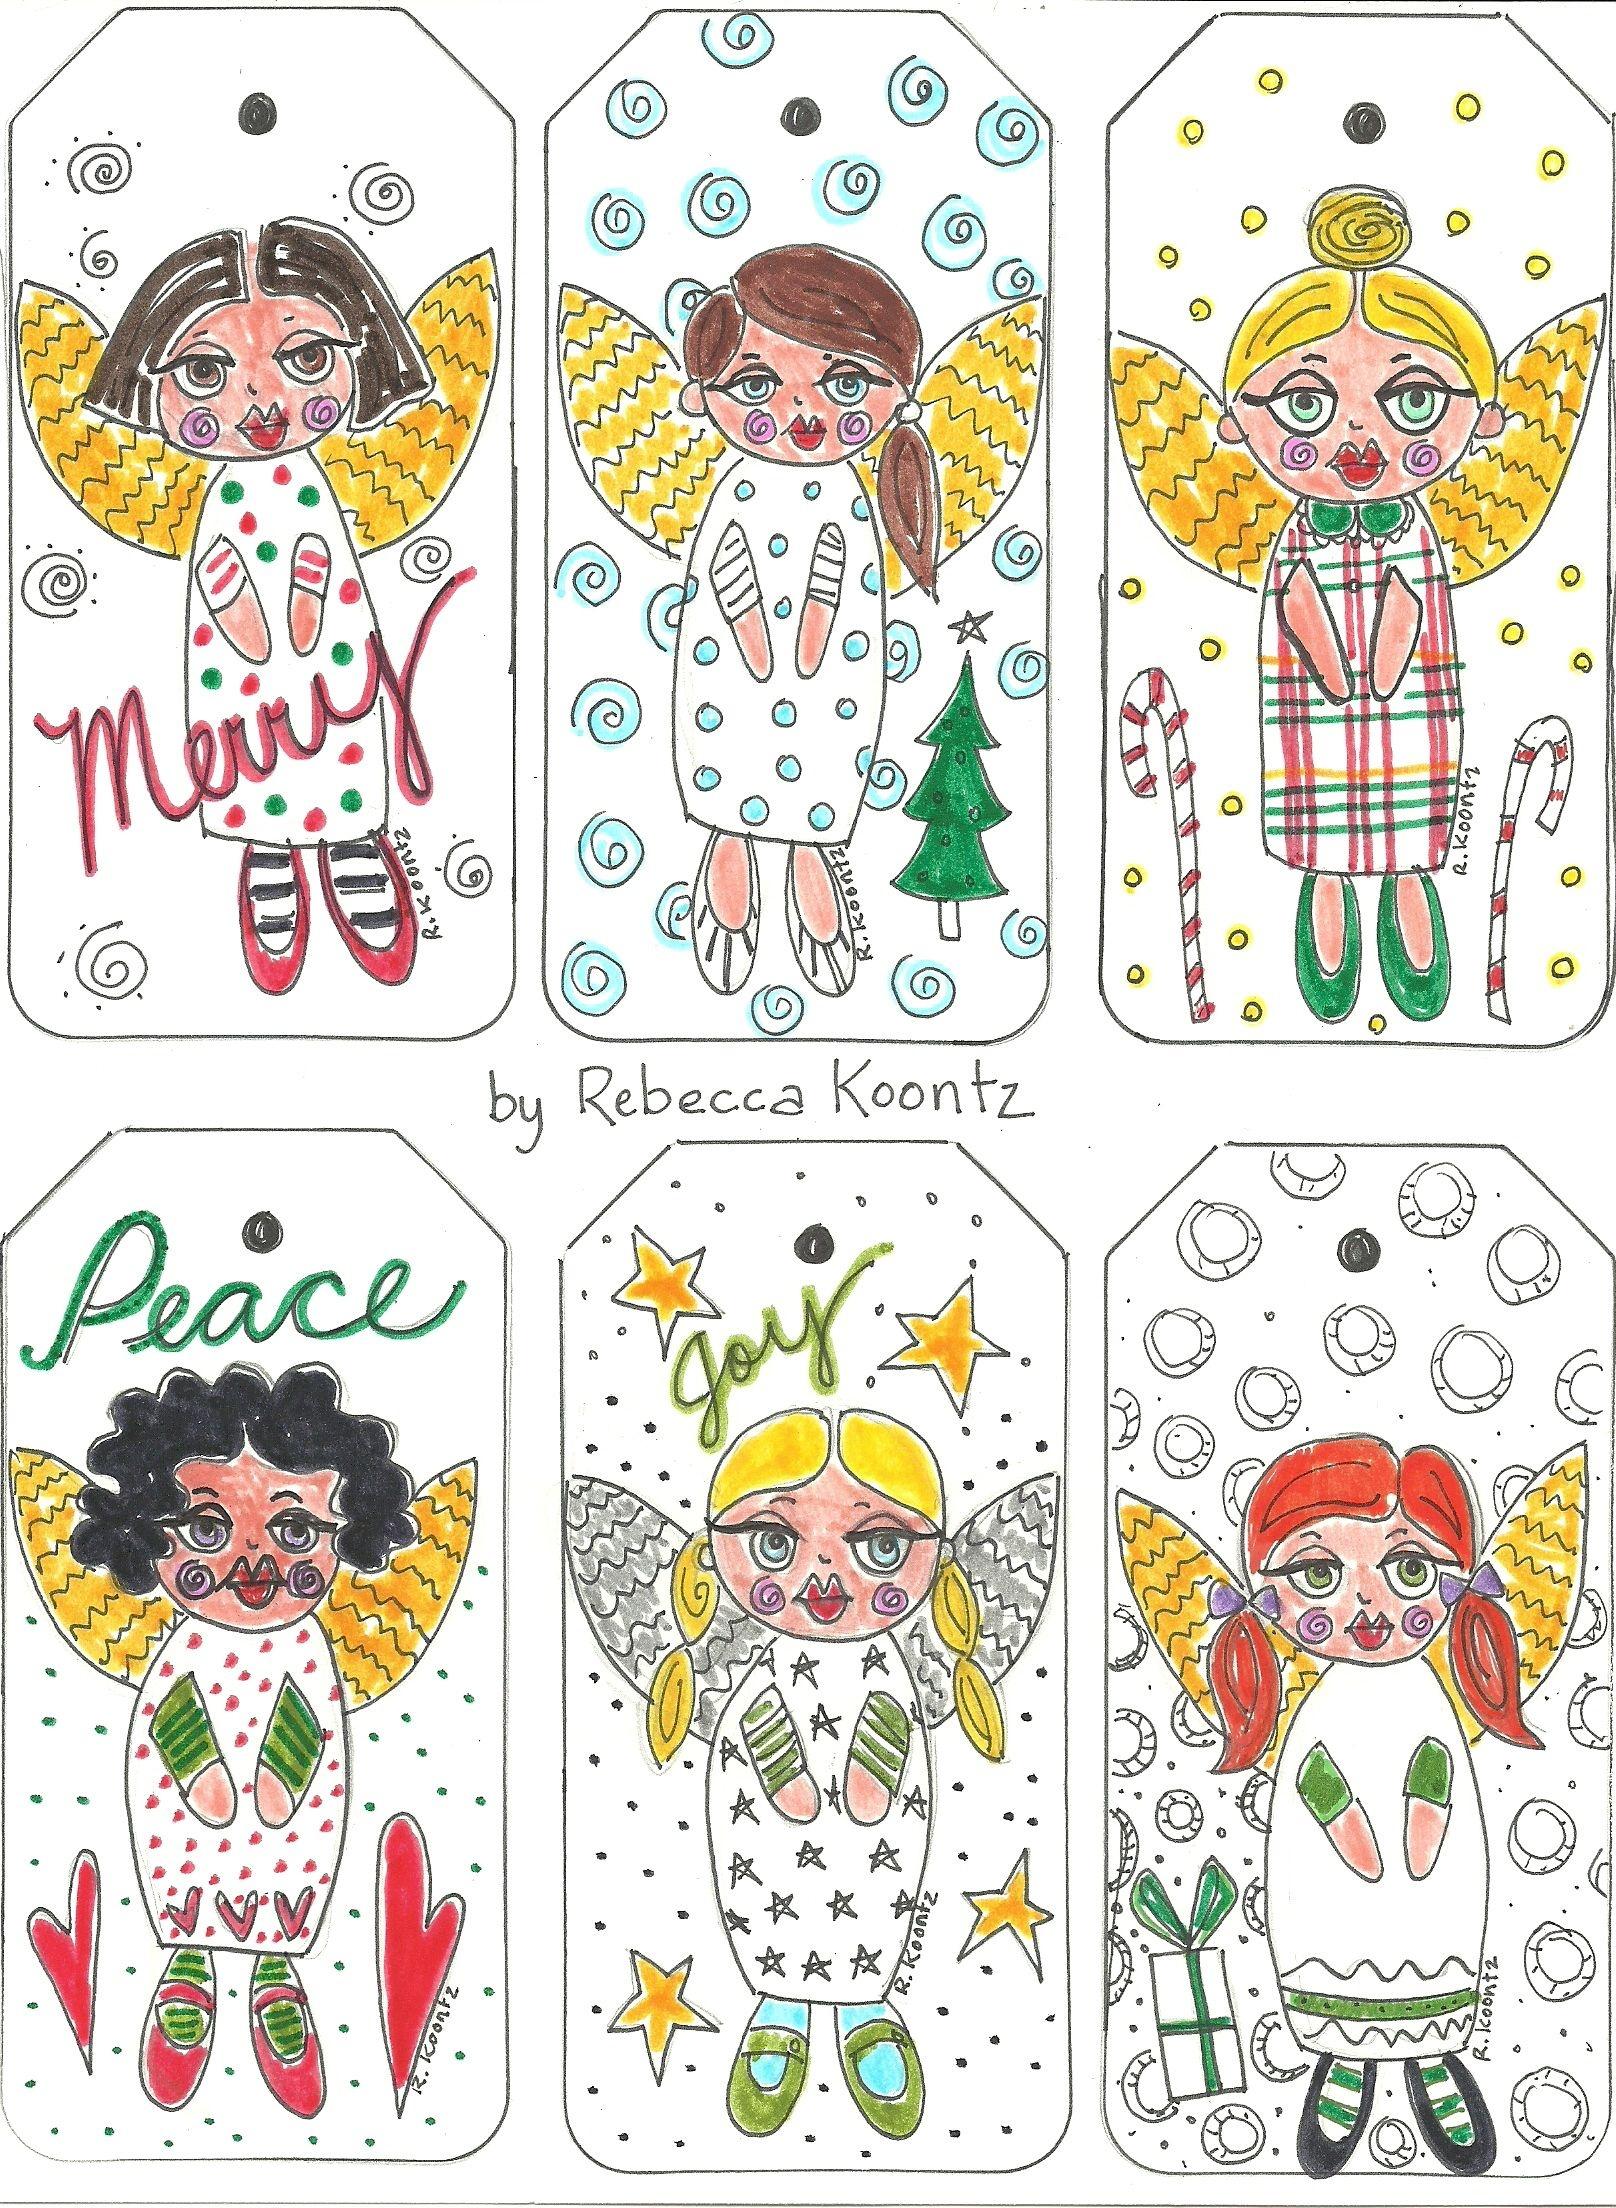 Angel Gift Tags (Free Printable) | Christmas | Free Printable Gift - Free Printable Angel Gift Tags